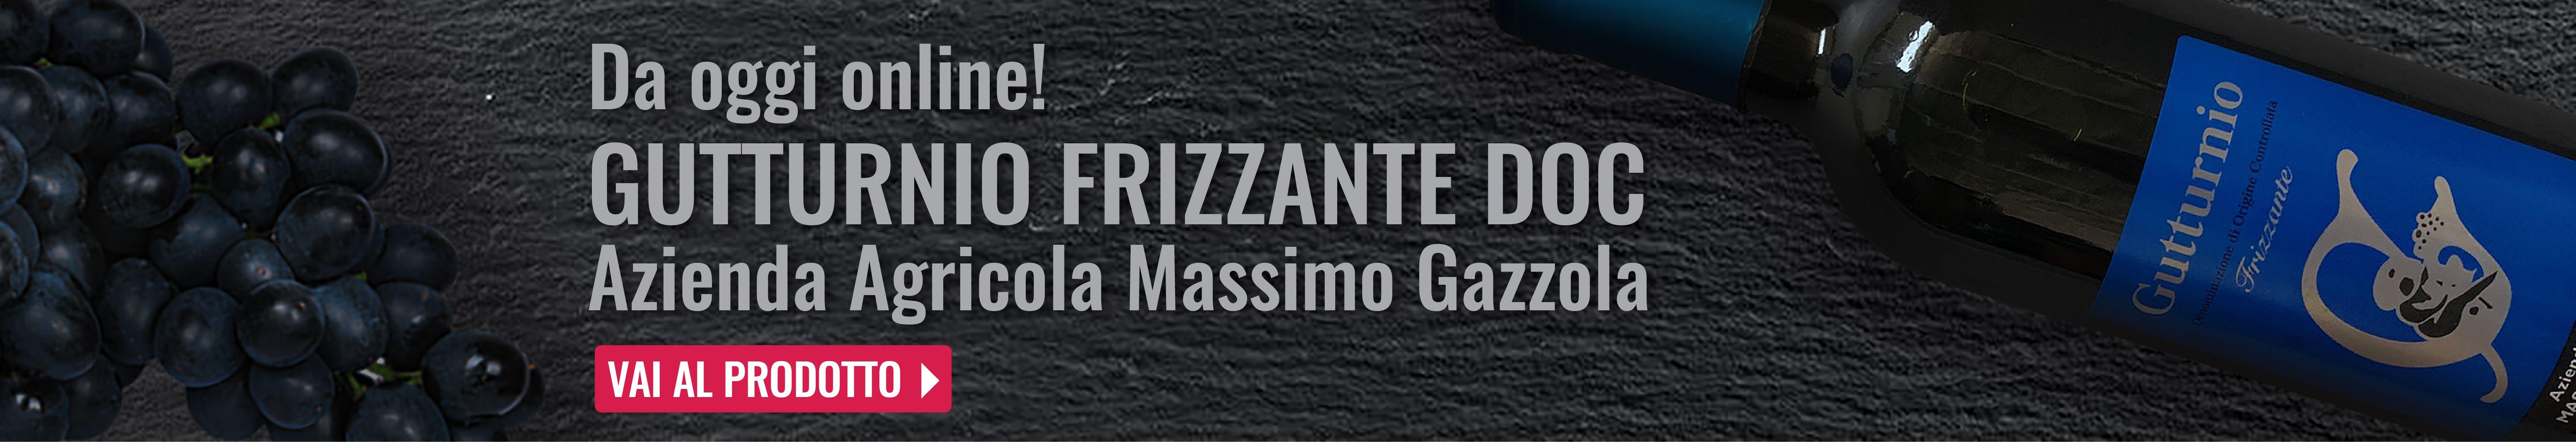 Gutturnio frizzante DOC Azienda agricola Massimo Gazzola